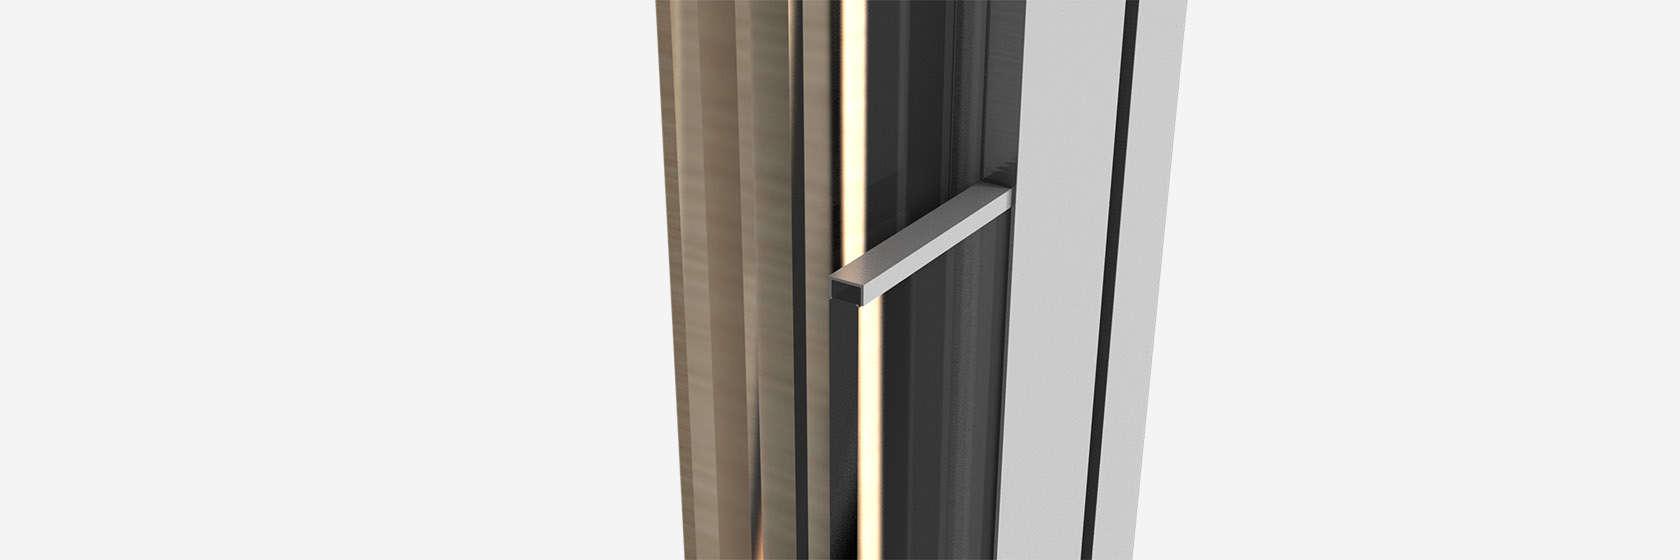 Full Size of Absturzsicherung Fenster Aus Glas Bug Aluminium Systeme Alte Kaufen Online Konfigurator Nach Maß De Kunststoff Einbauen Insektenschutz Für Velux Rollo Mit Fenster Absturzsicherung Fenster